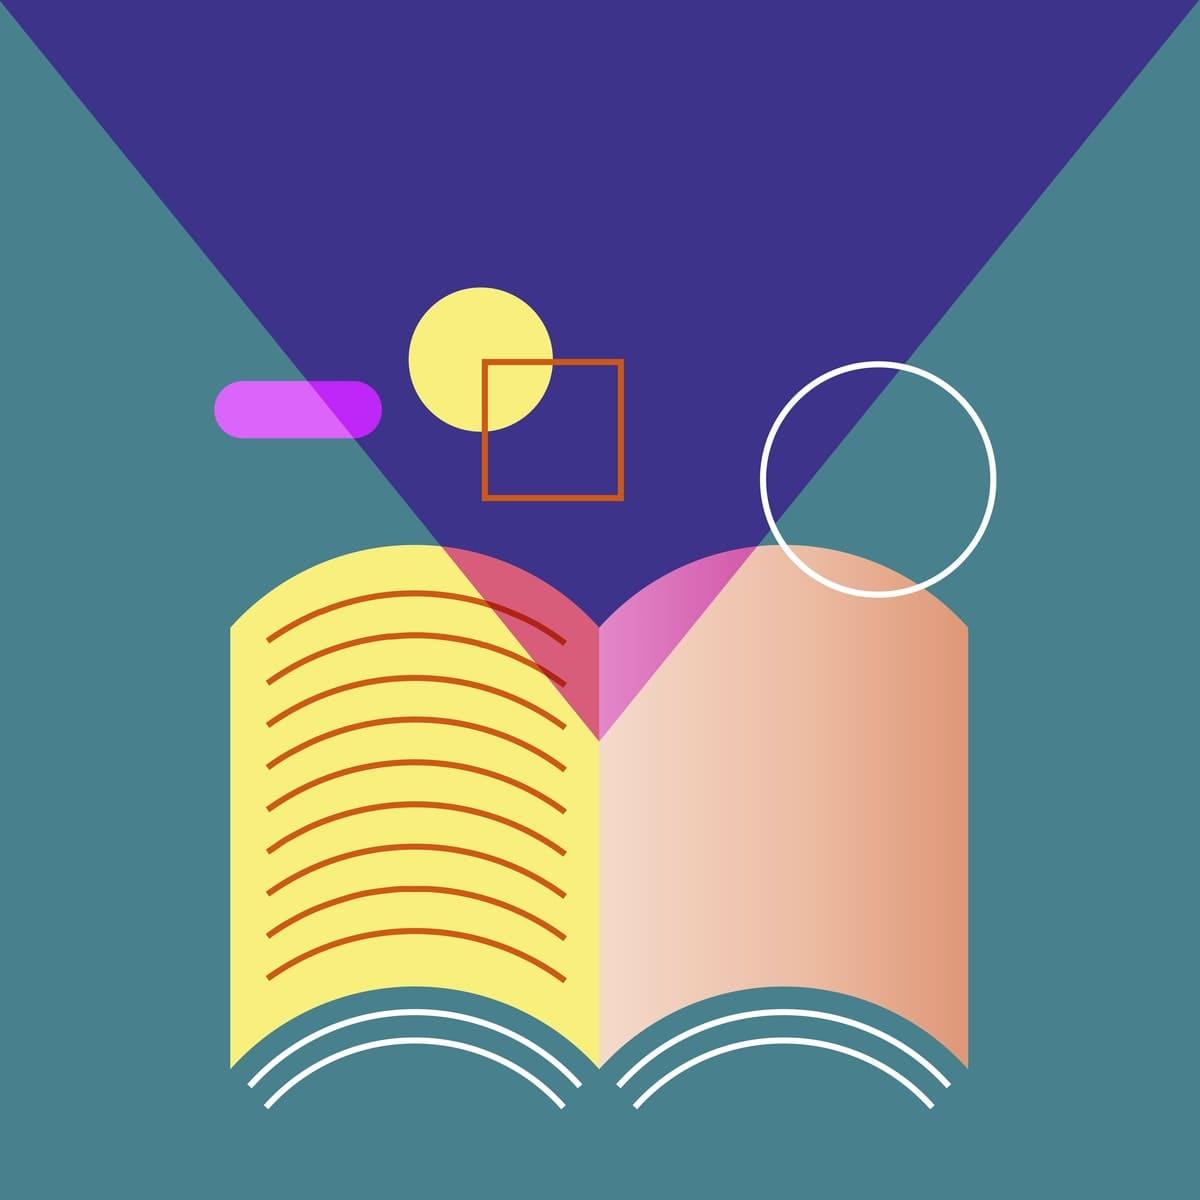 le schéma d'un livre avec des formes géométriques